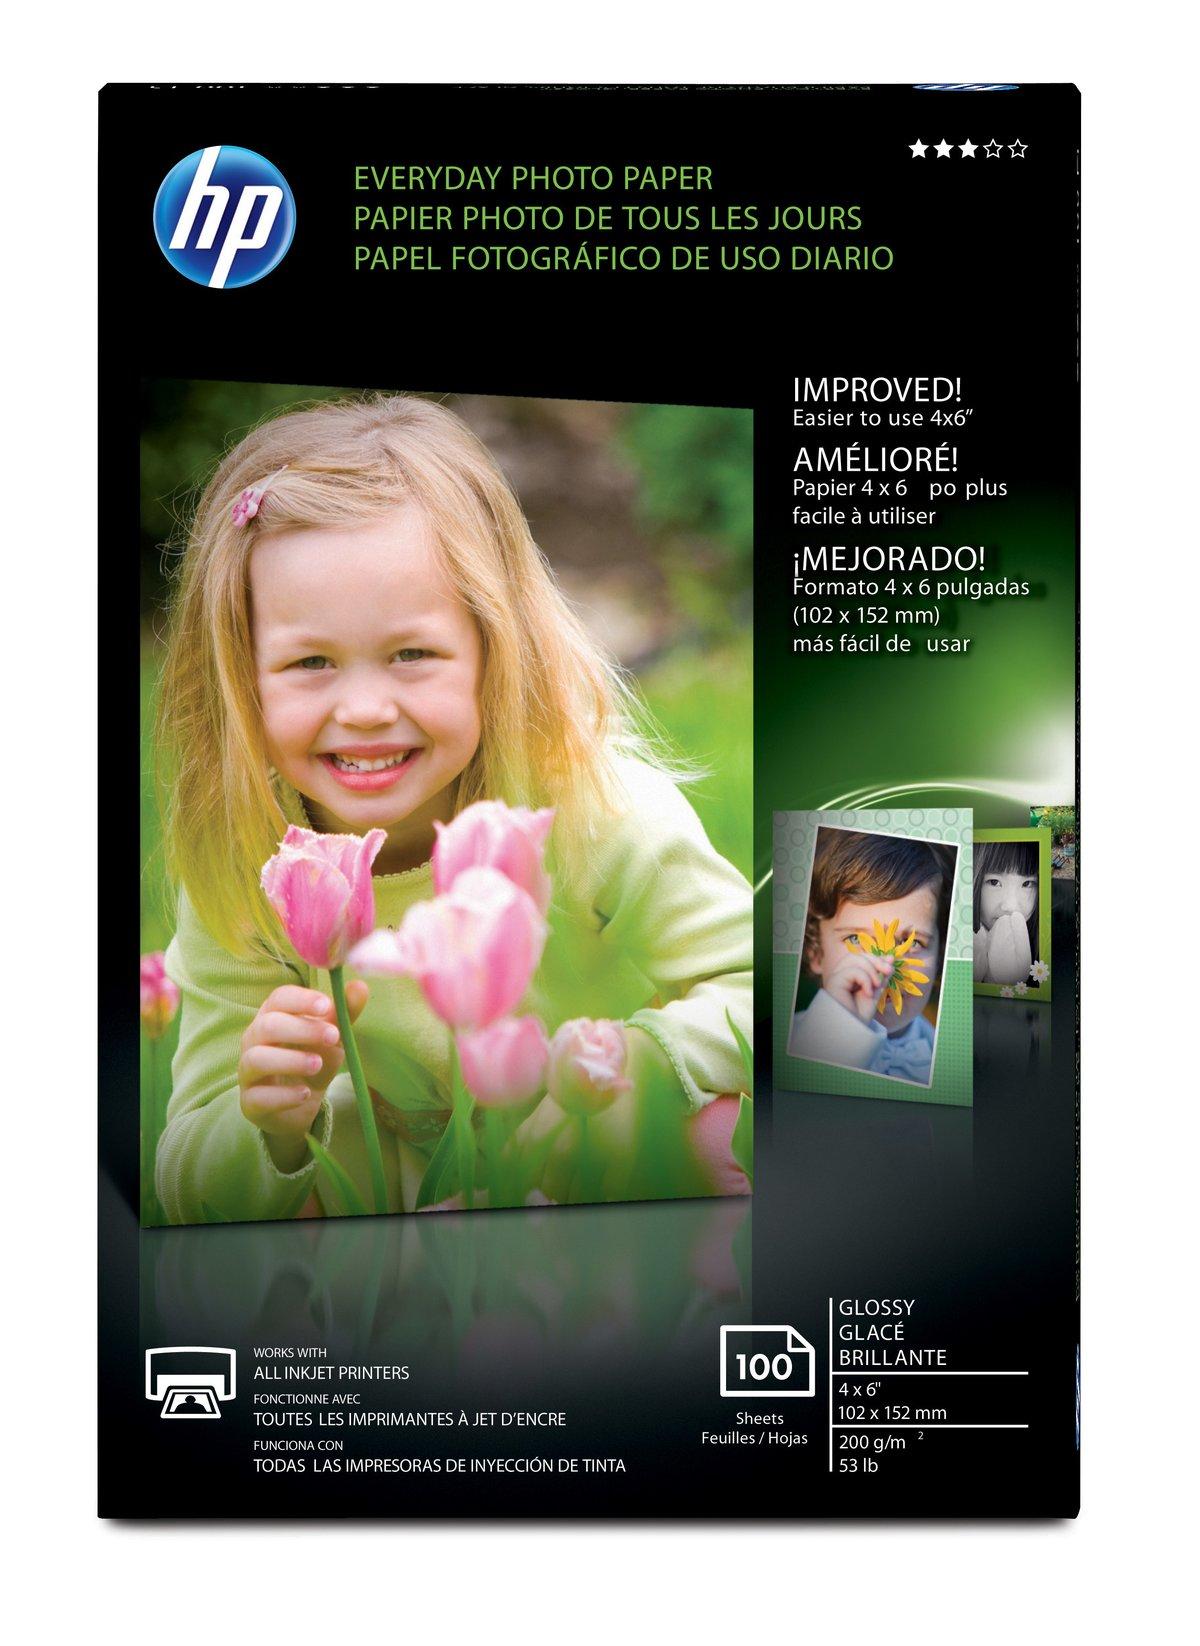 PAPEL FOTOGRAFICO HP EVERYDAY (100 HOJAS, 4X6) | Papel Fotográfico ...